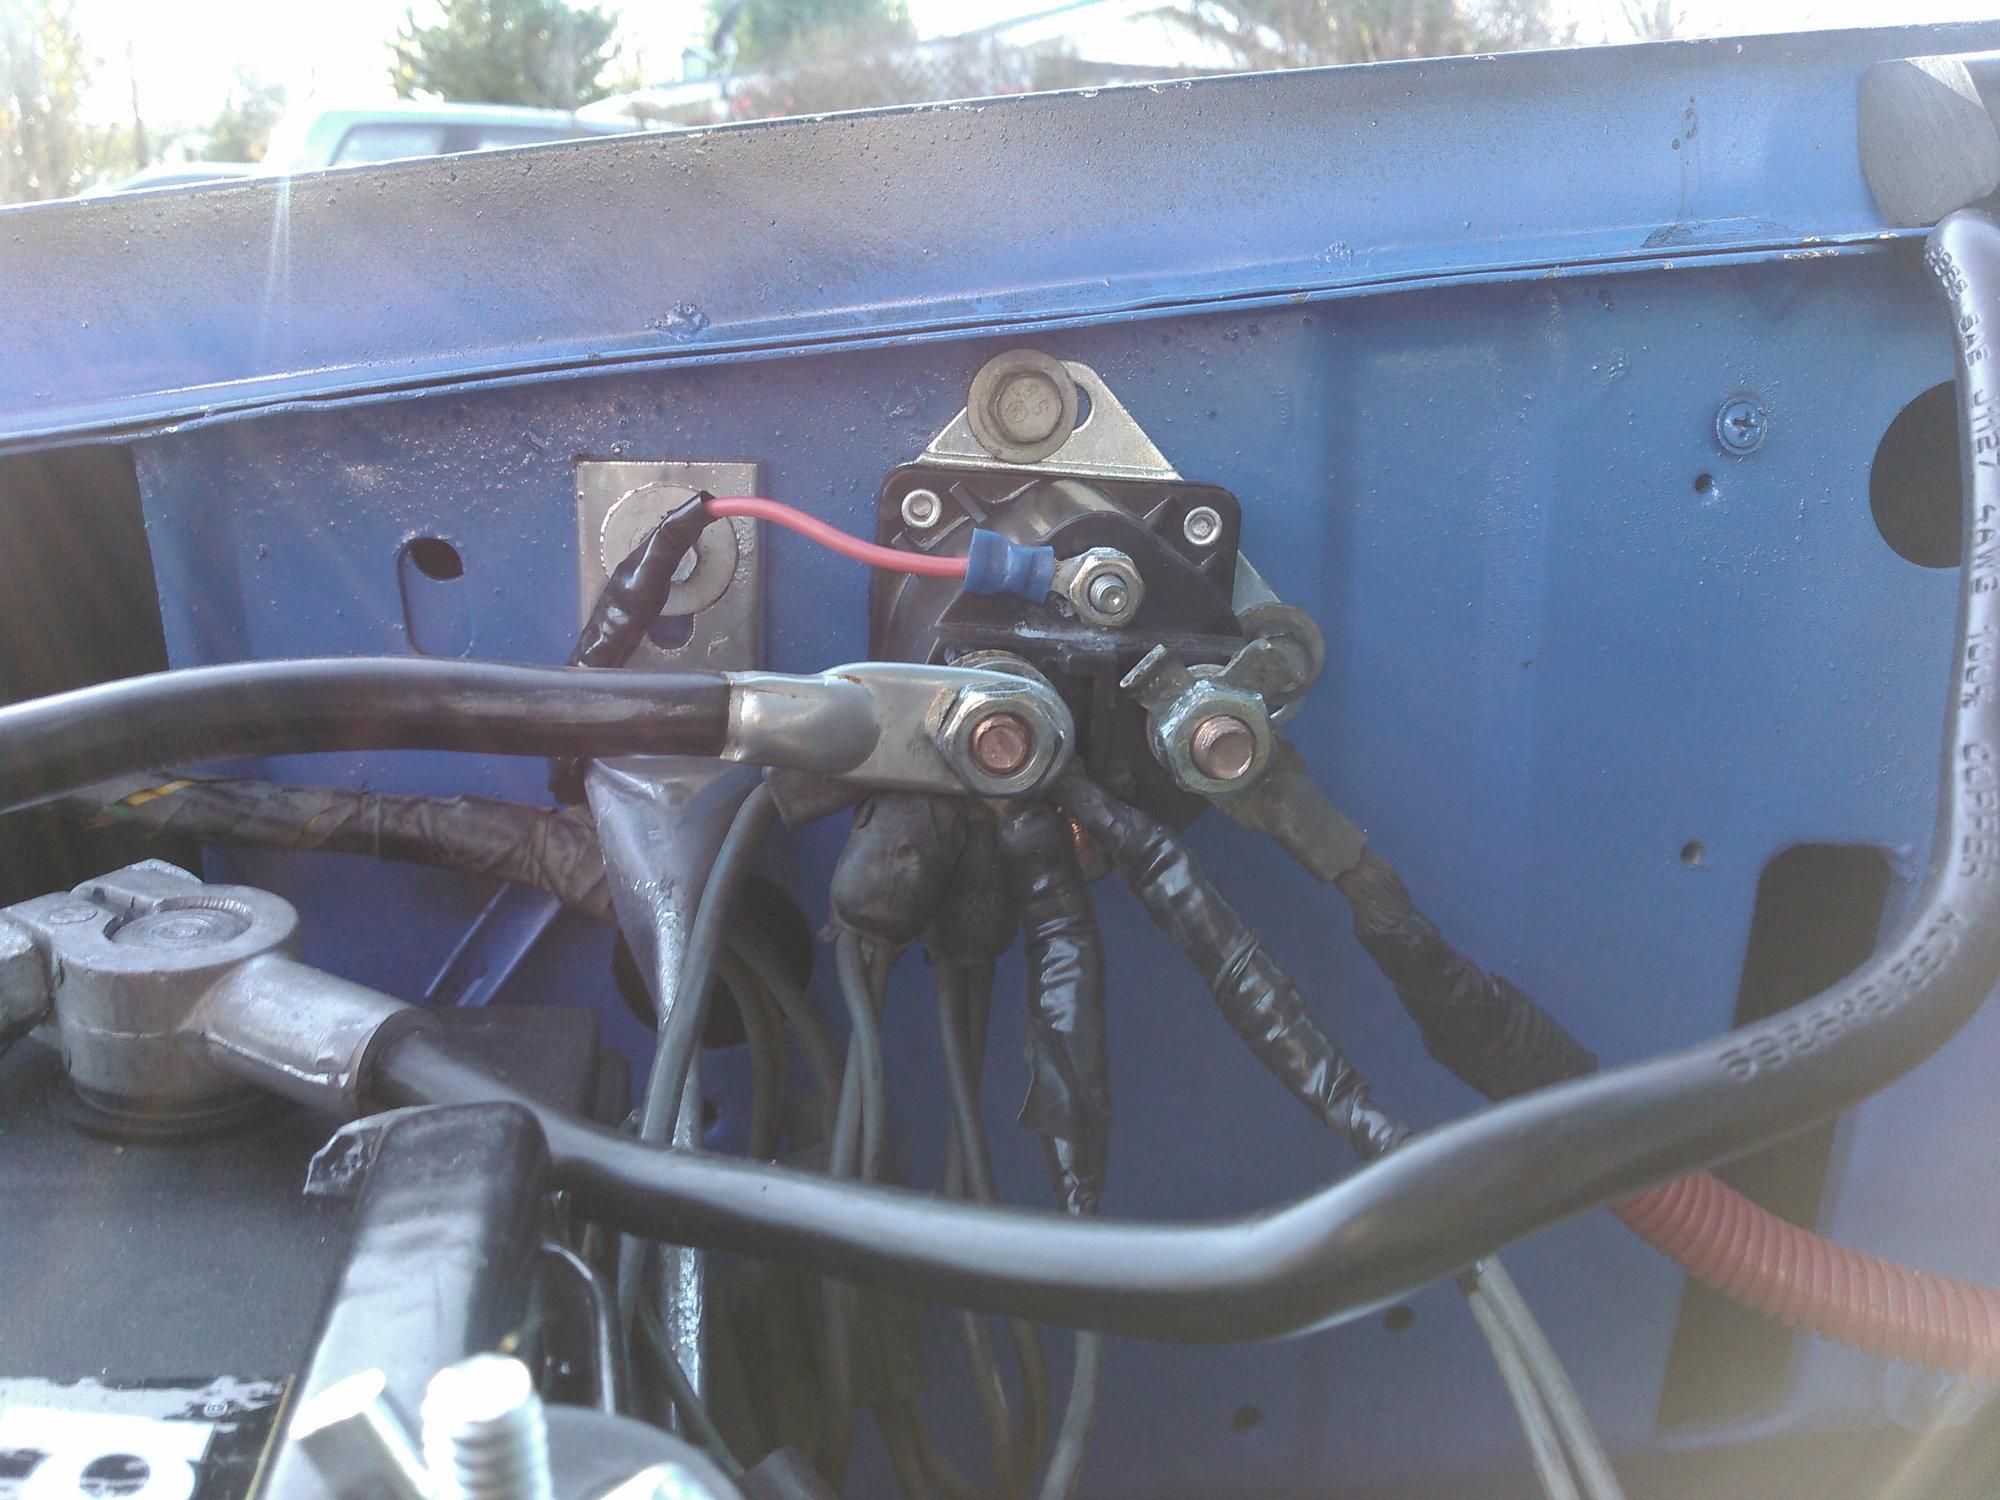 2008 Ford Ranger Alternator Wiring Diagram